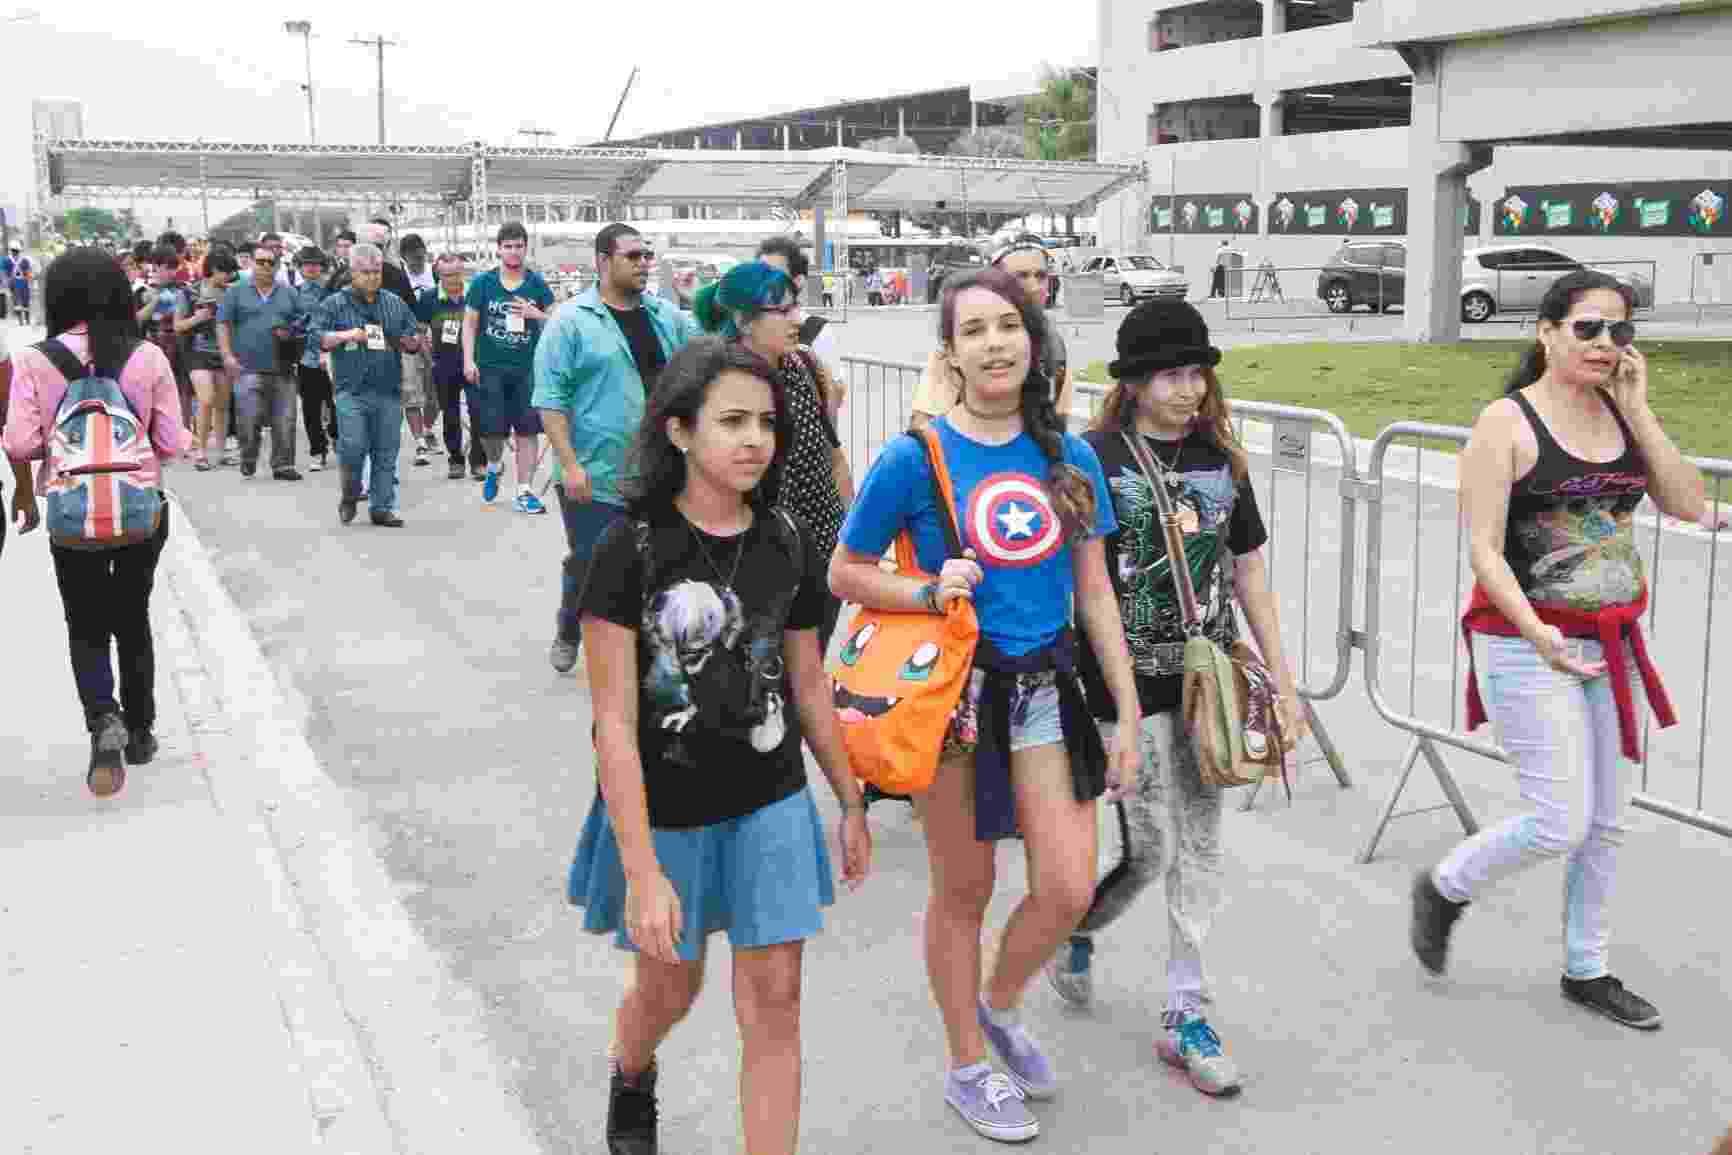 3.dez.2015 - Público começa a chegar para a Comic Con Experience 2015, no Centro de Exposições São Paulo Expo - Lucas Lima/UOL